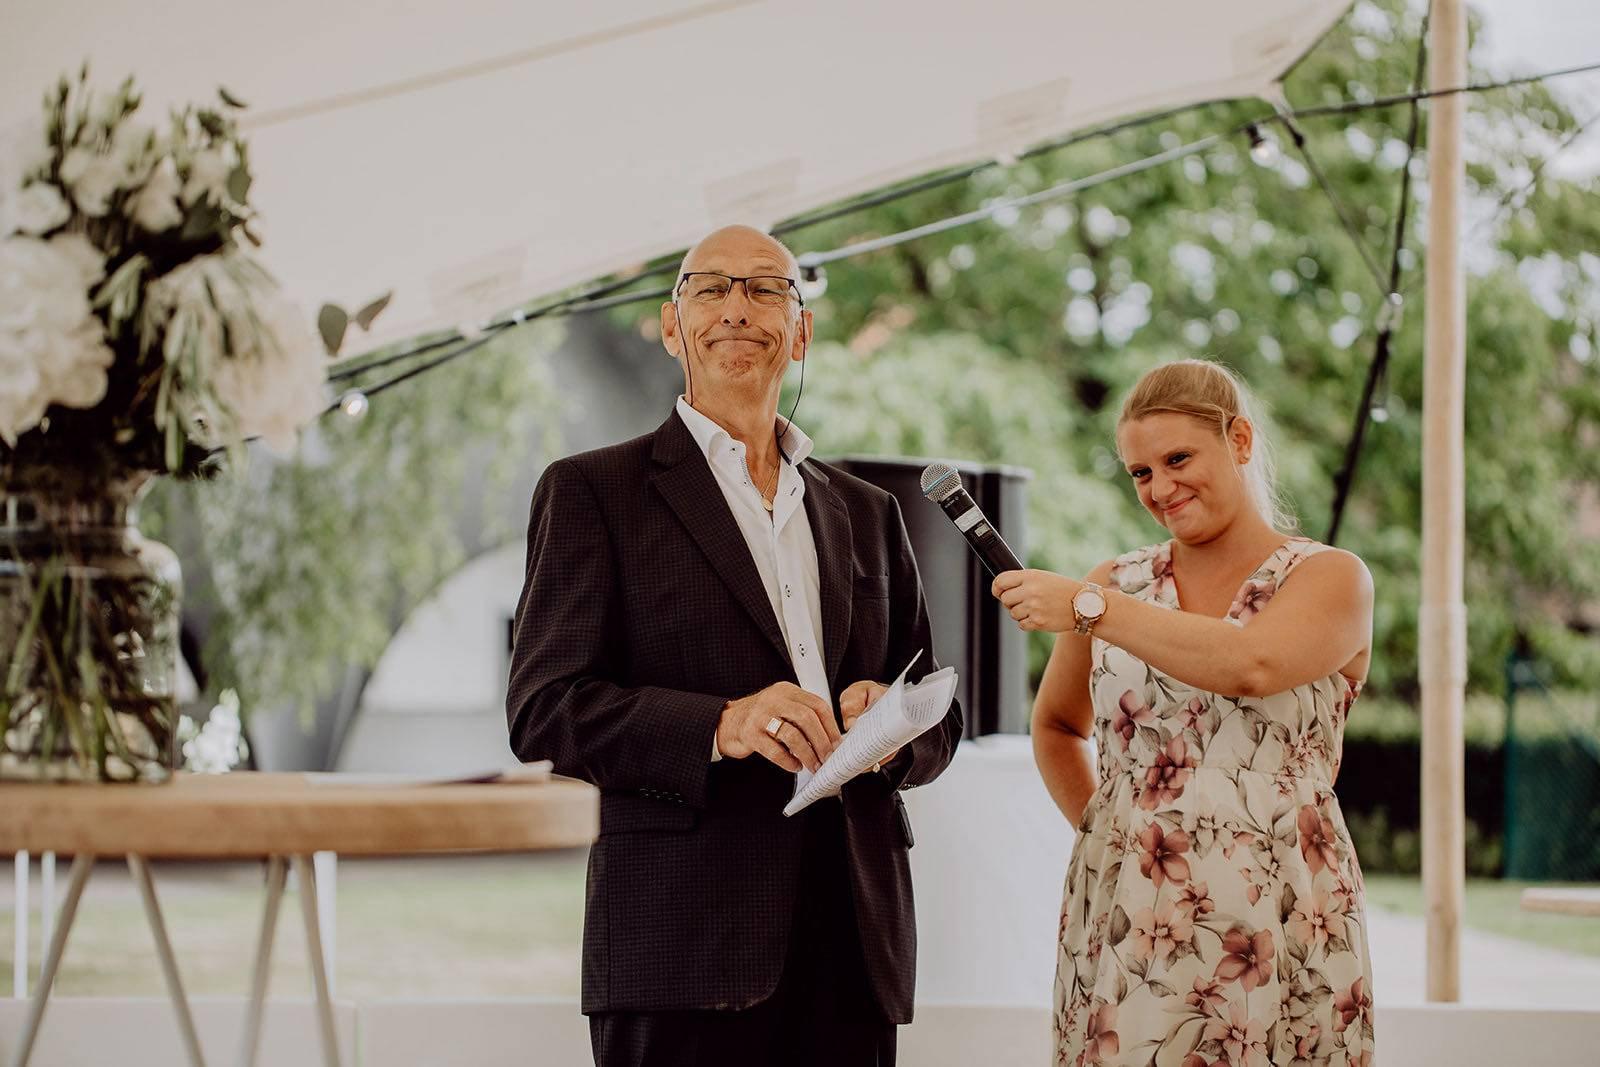 Event'L Ceremonie - Fotograaf Lux Visual Storytellers - House of Weddings 10